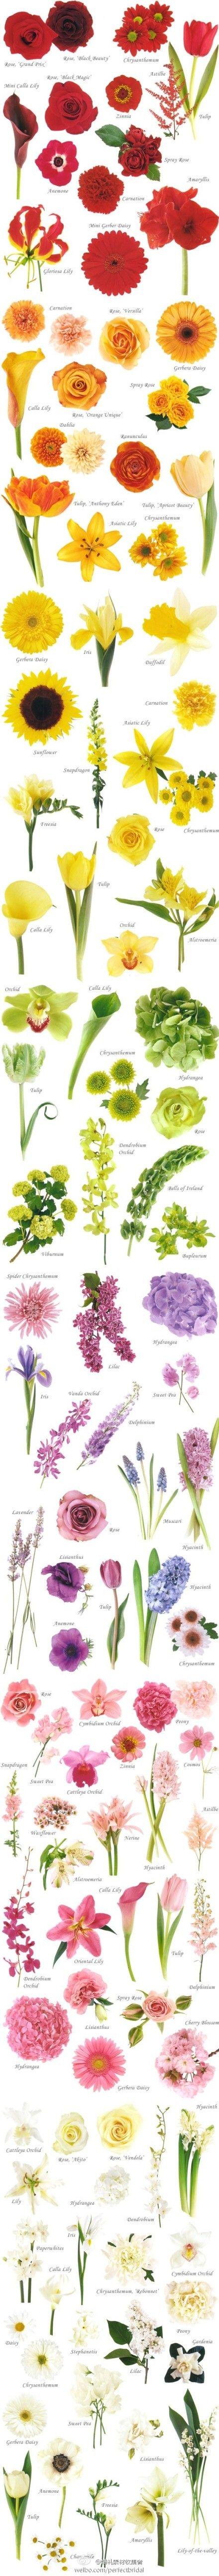 Flower Guide Flower Chart Flower Names Planting Flowers